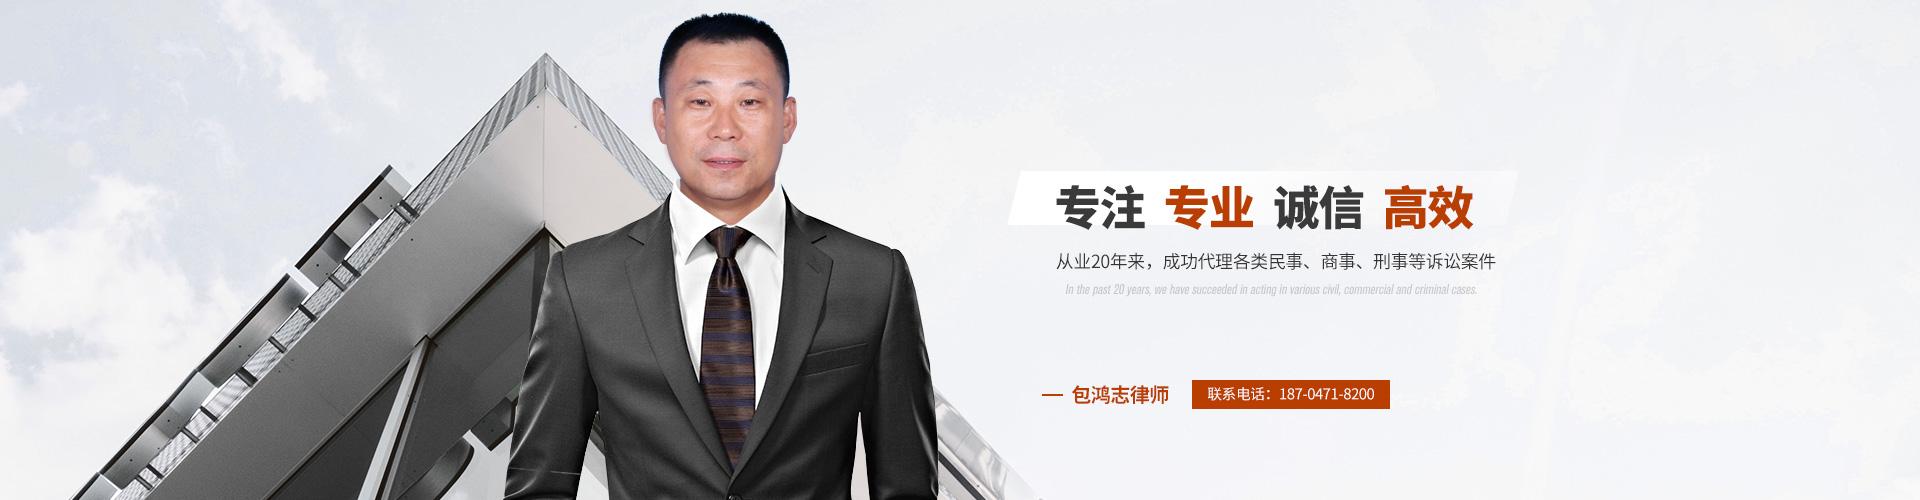 包鸿志律师